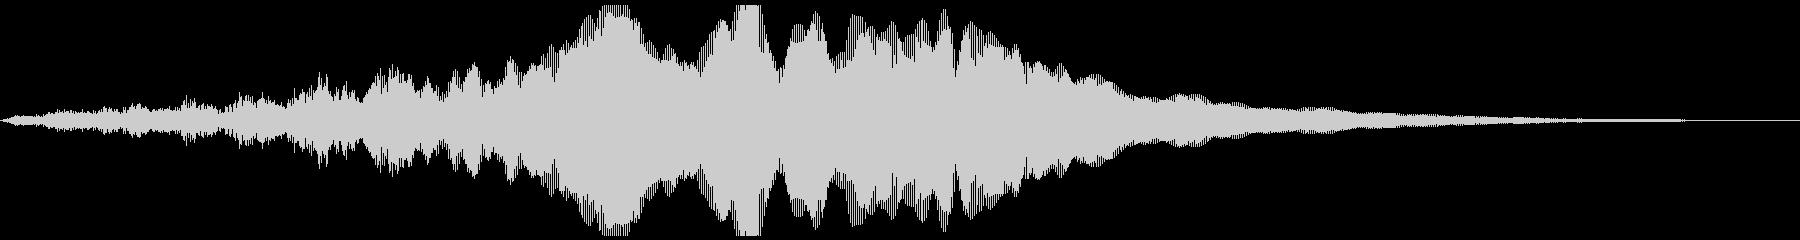 ライズブライト、メジャーコード、ラ...の未再生の波形